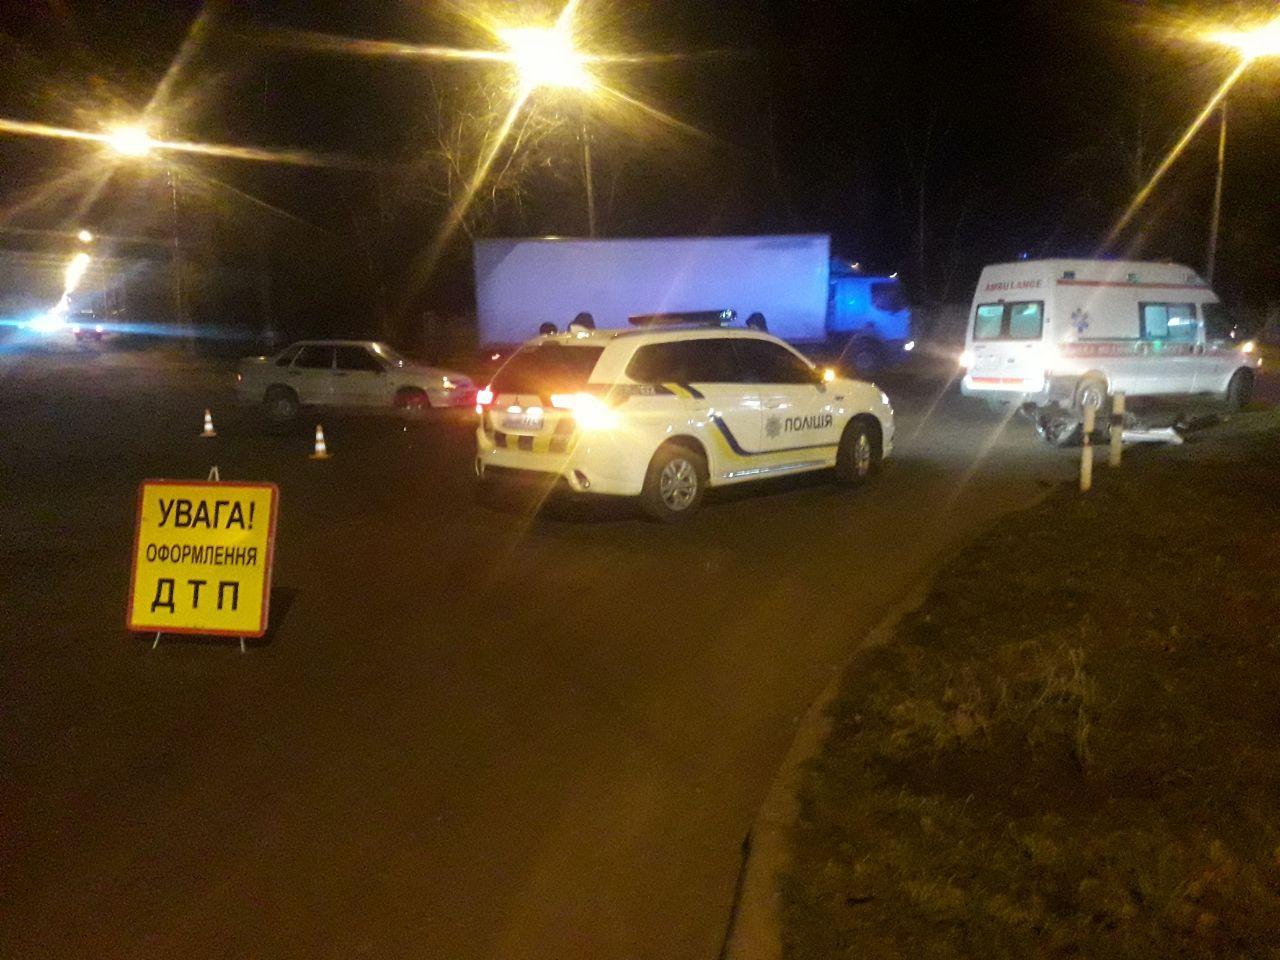 Серый ВАЗ сбил водителя скутера (видео)   Прихист